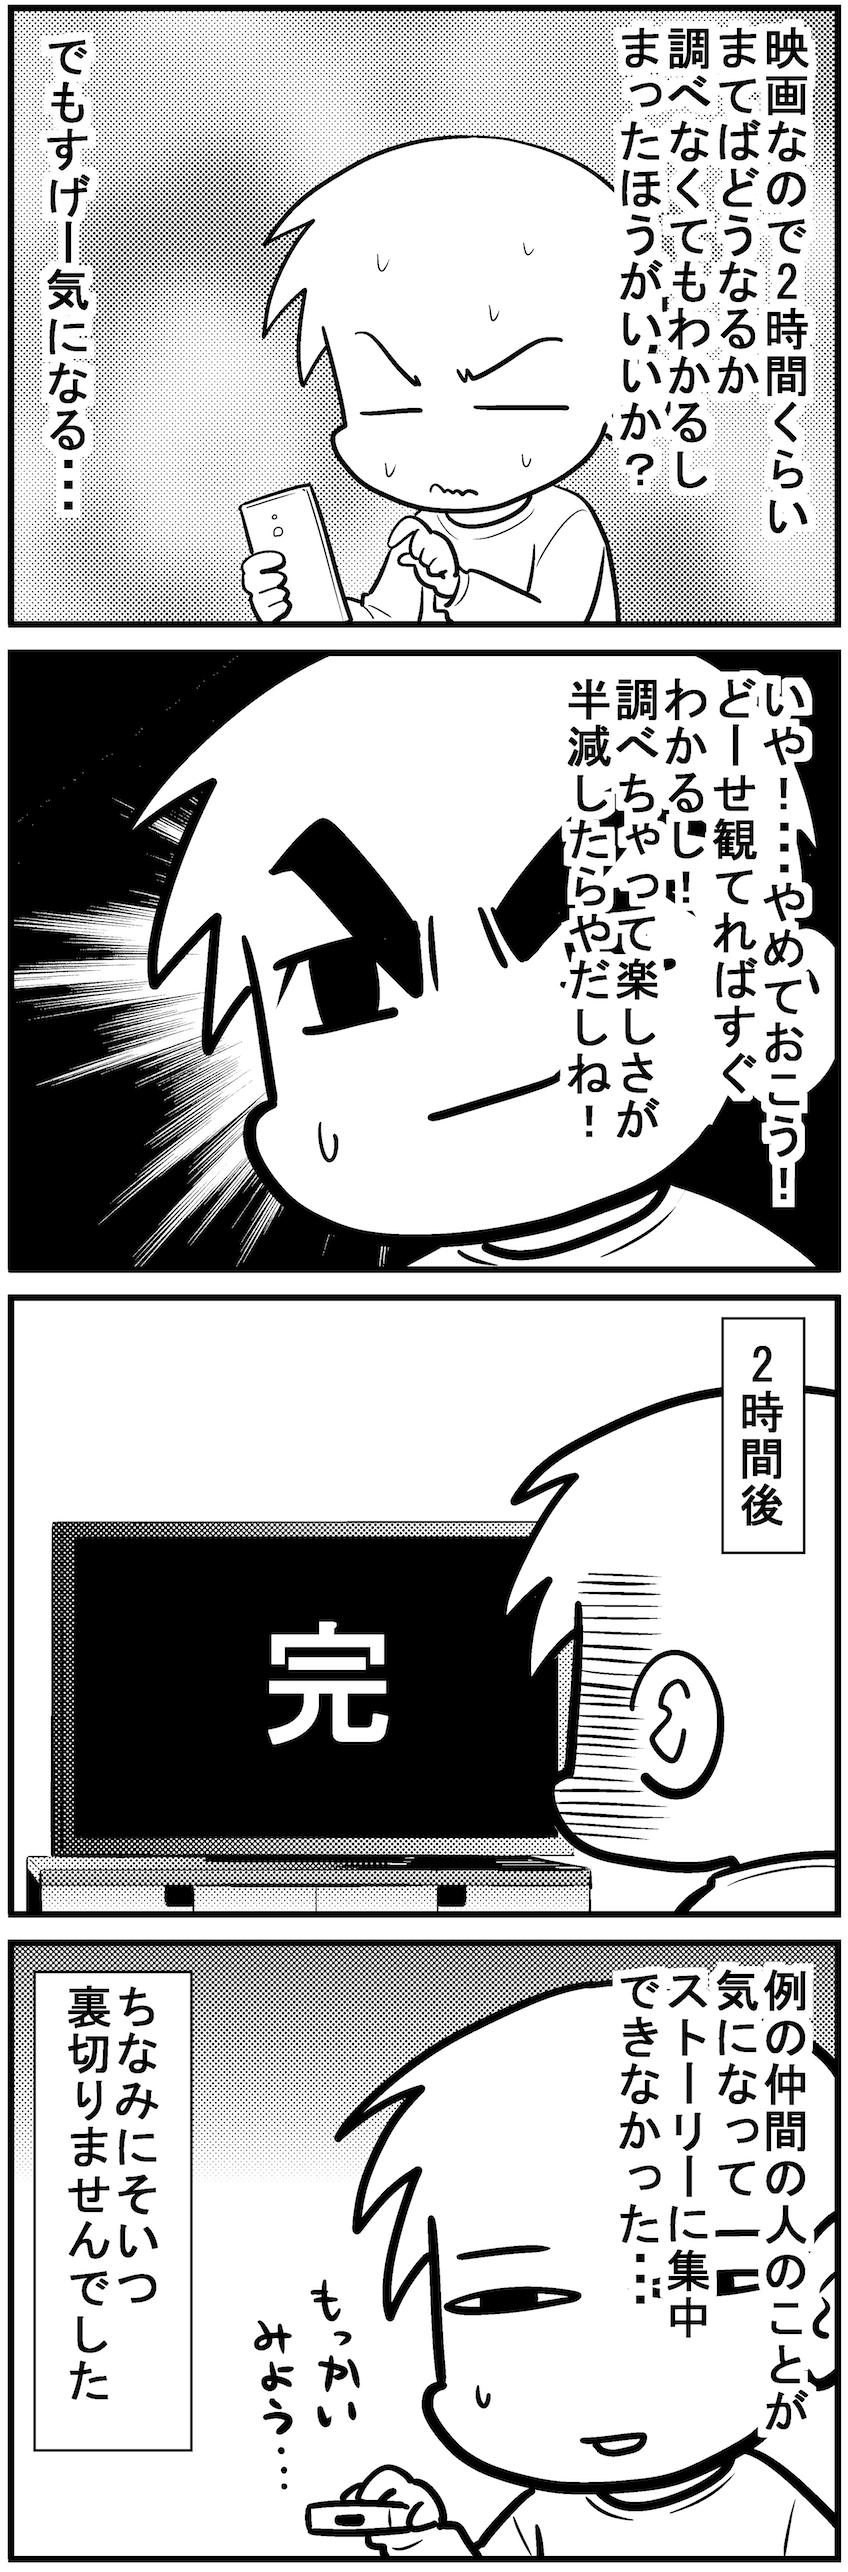 深読みくん131_2